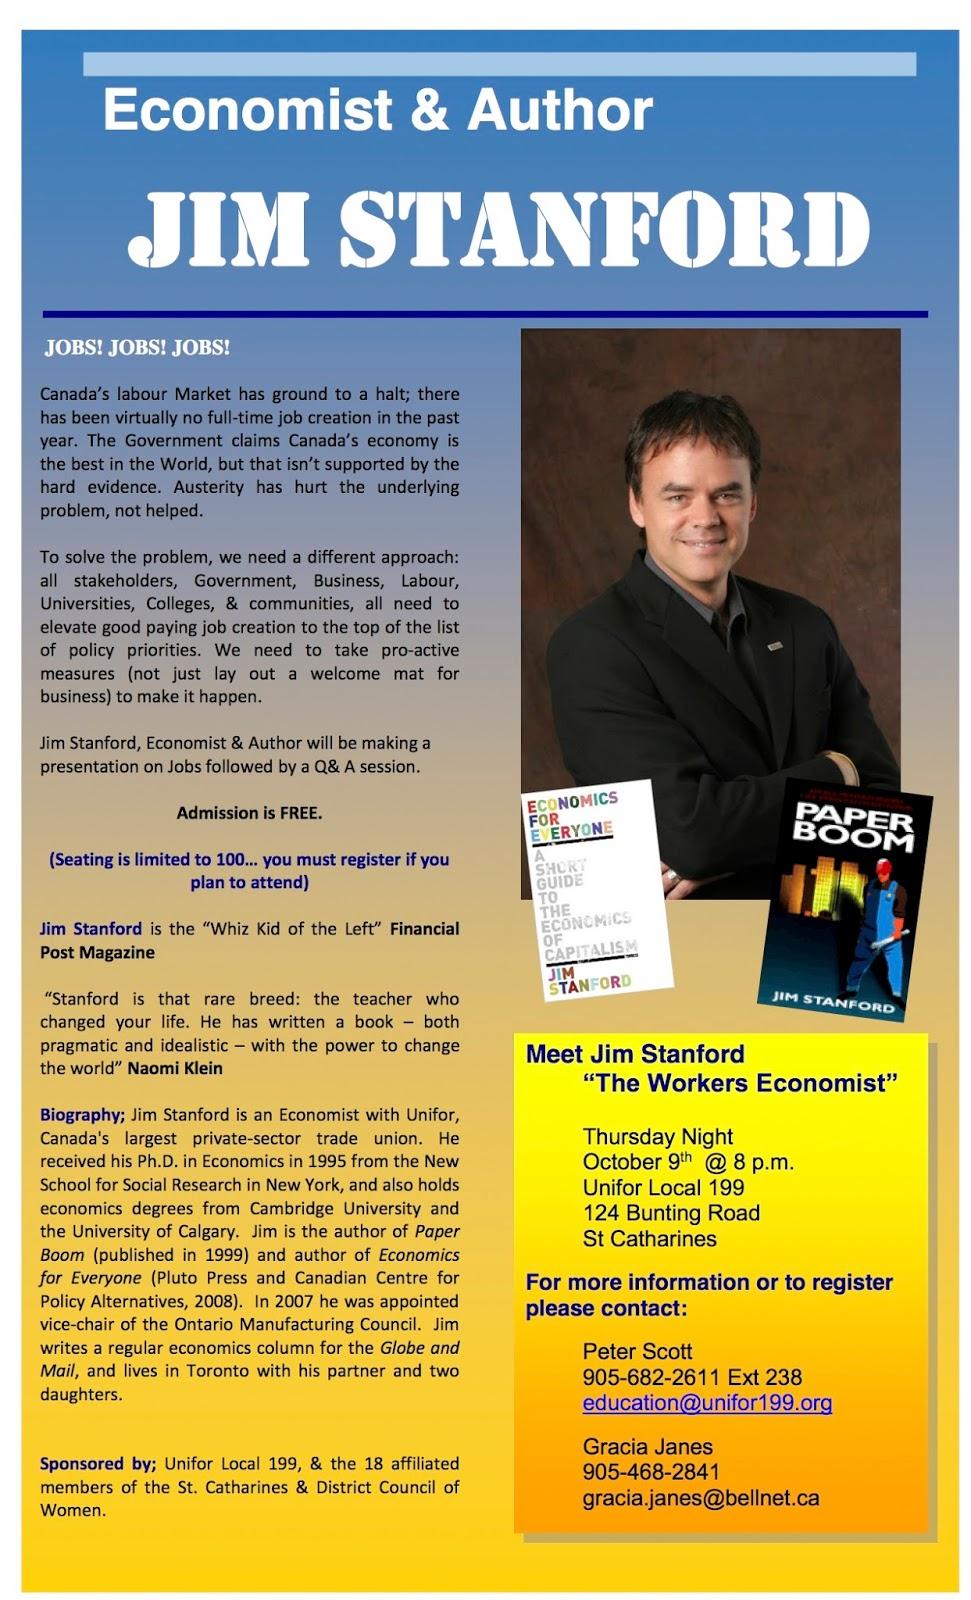 http://www.unifor199.org/pdf/jobsjobsjobs.pdf